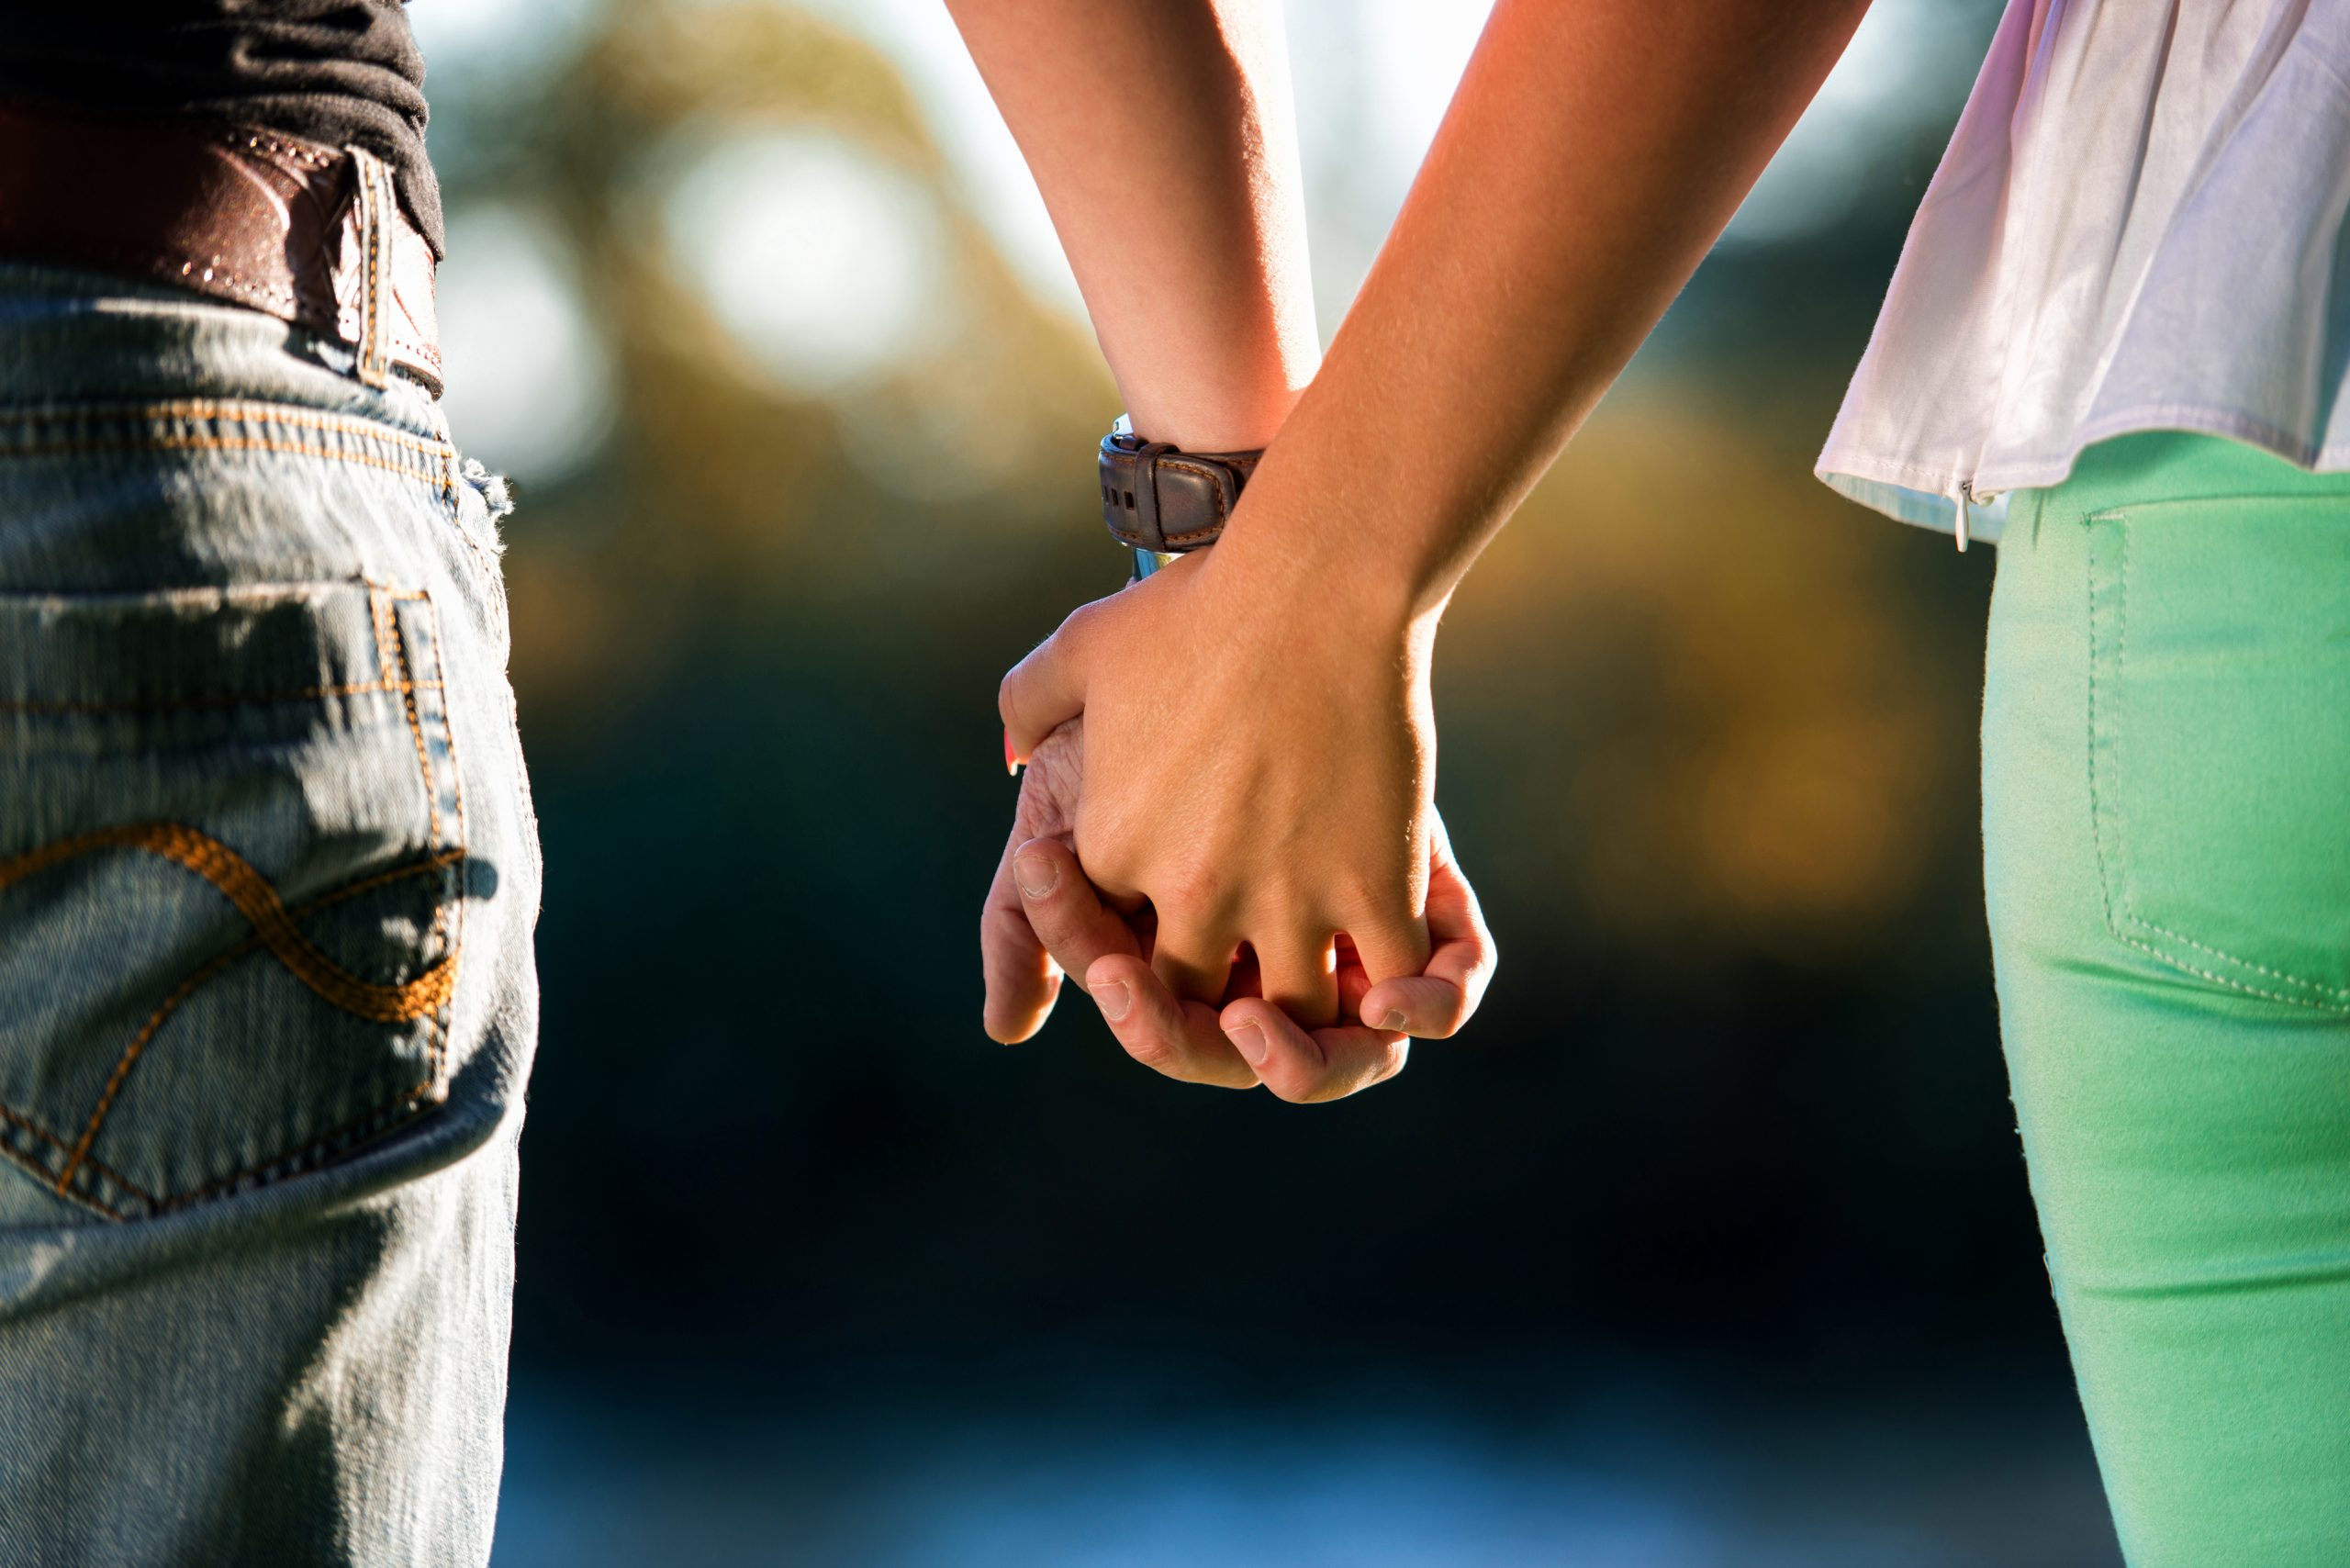 あなたの結婚占い|『あなたの運命の人』と『繋がる出会い』